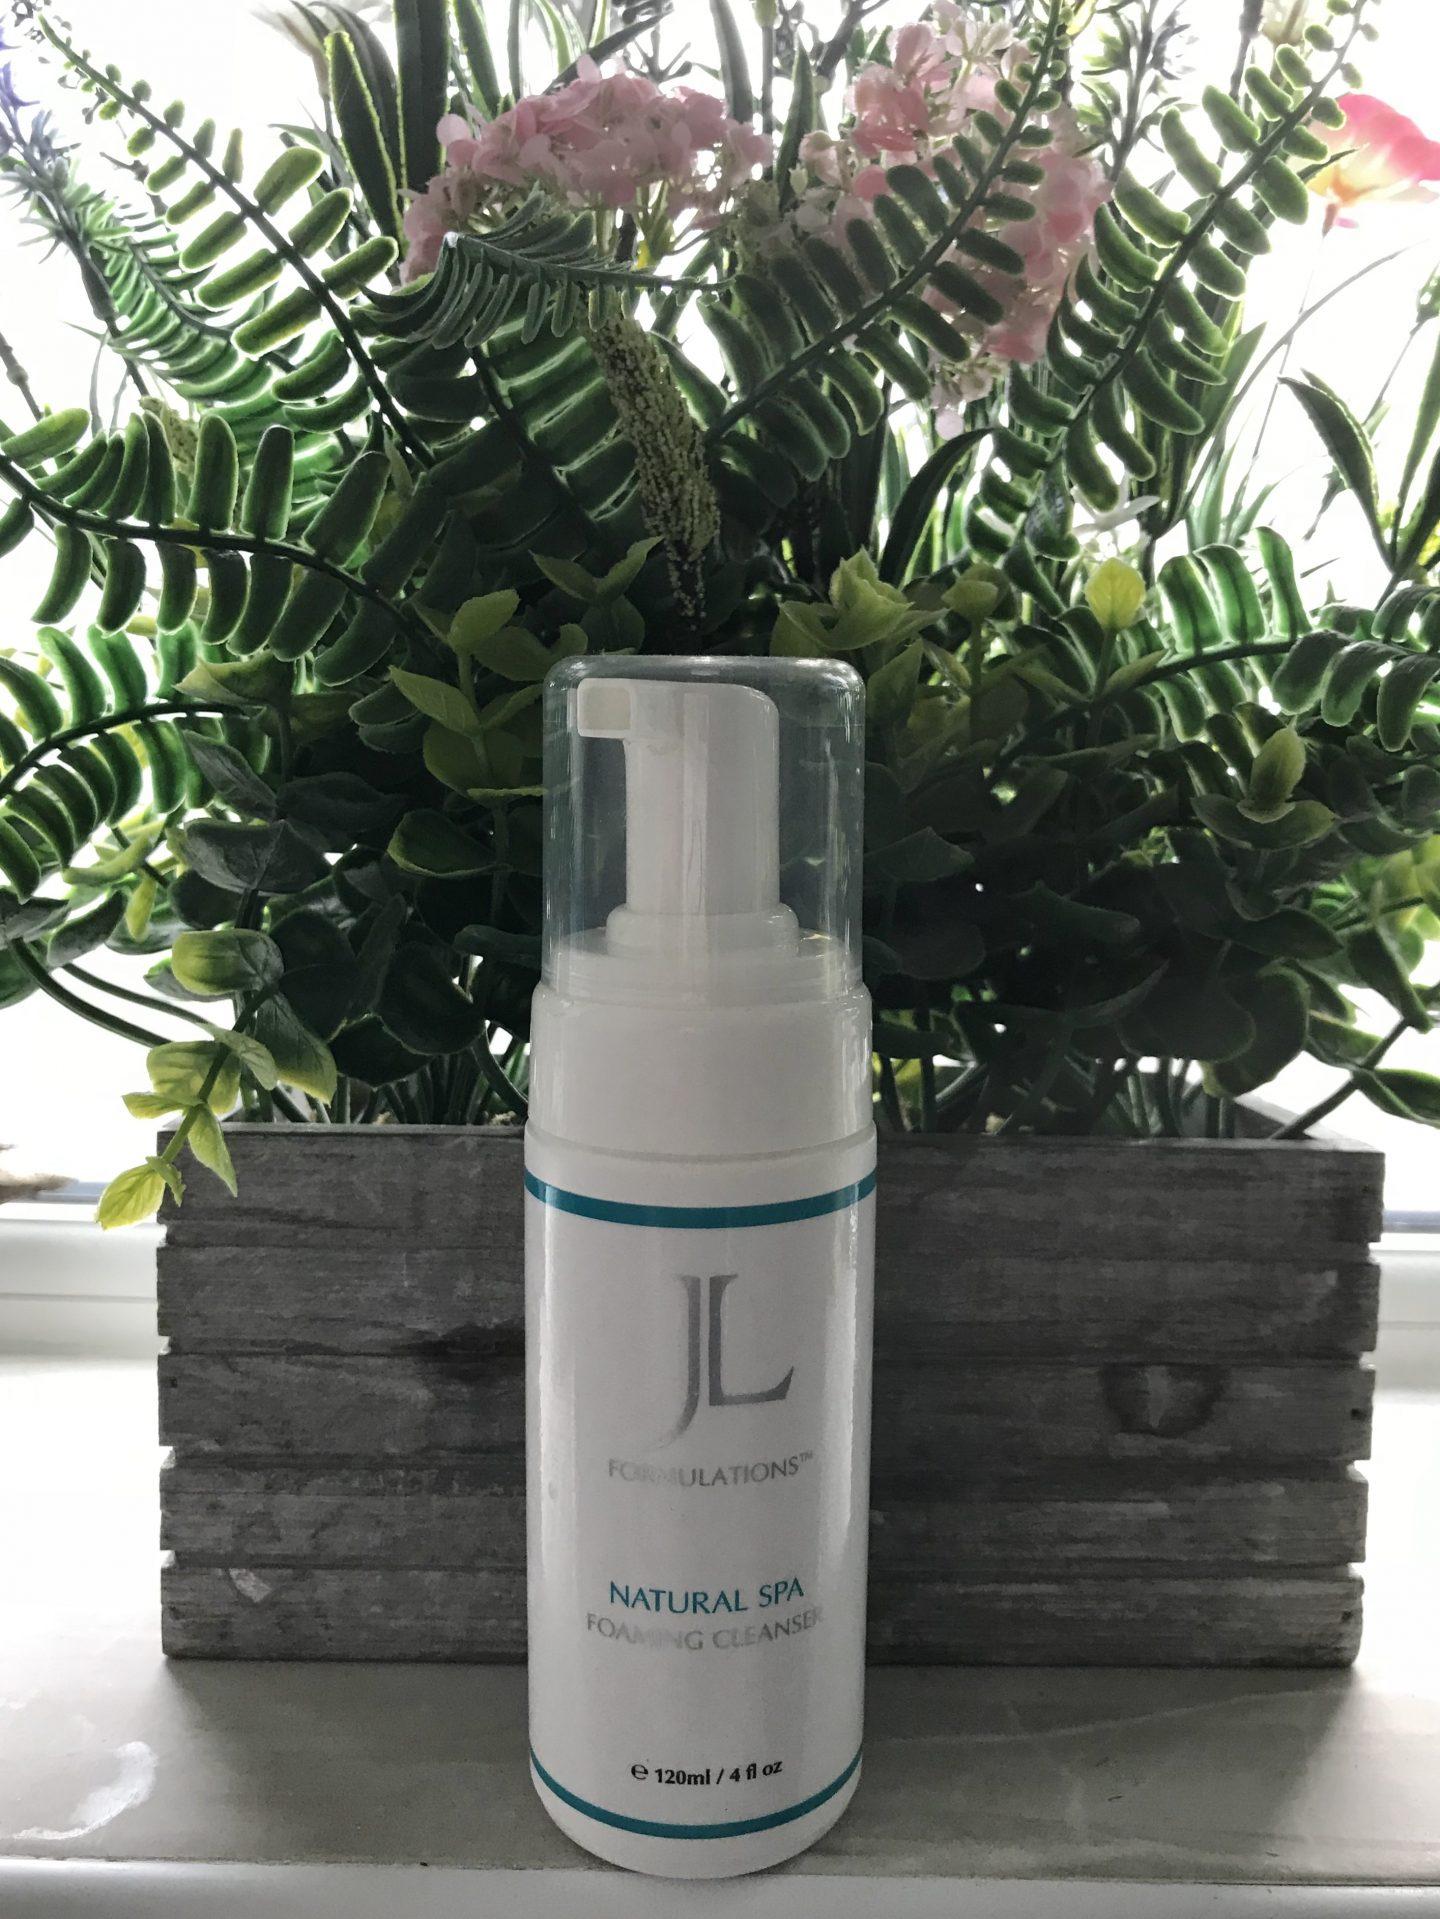 JL Formulations Natural Spa Foaming Cleanser